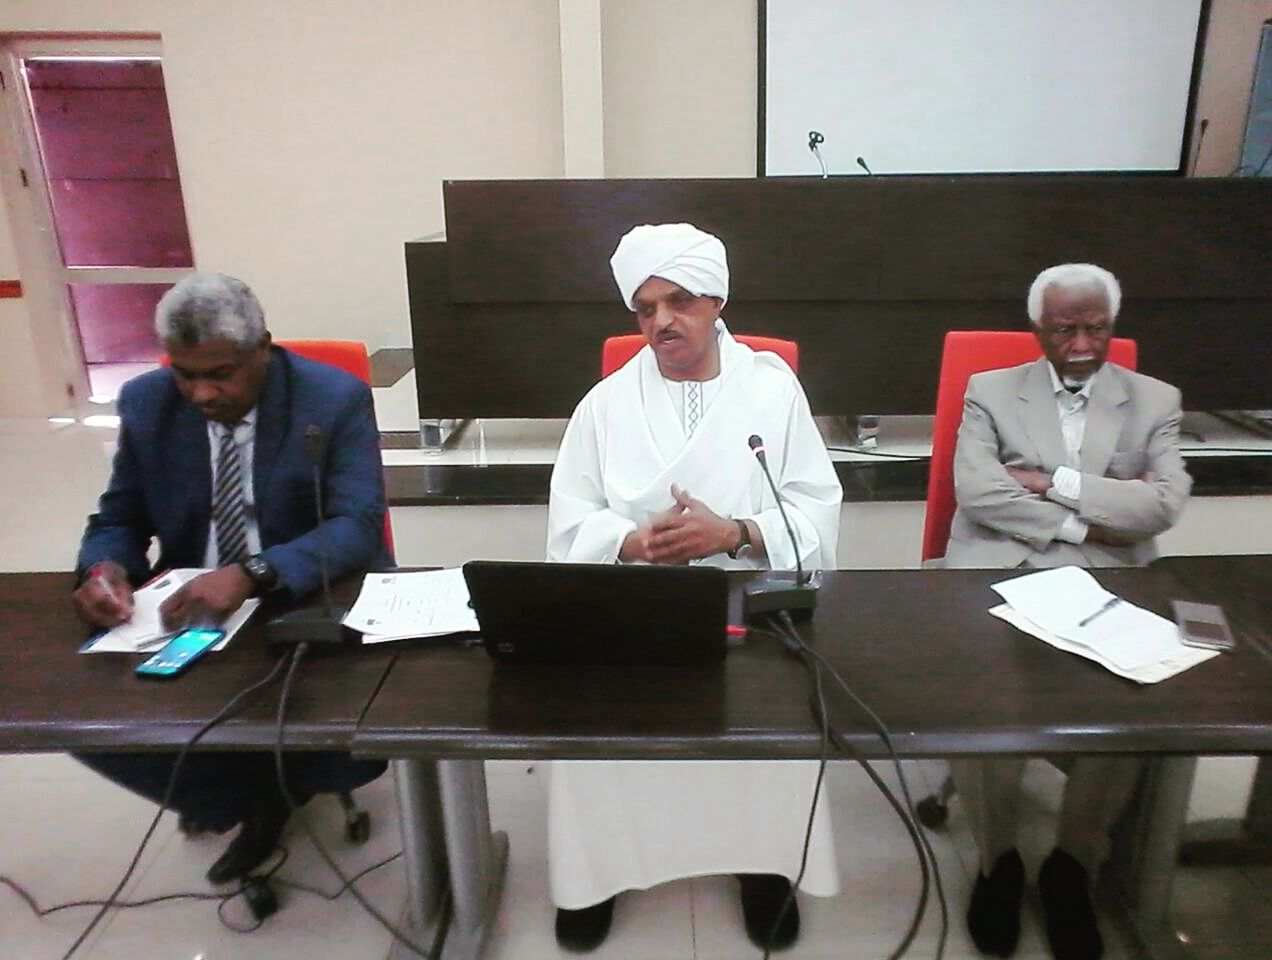 انعقاد الاجتماع الاول للجنة الاستشارية لمؤتمر الخبراء والكفاءات السودانية بالخارج